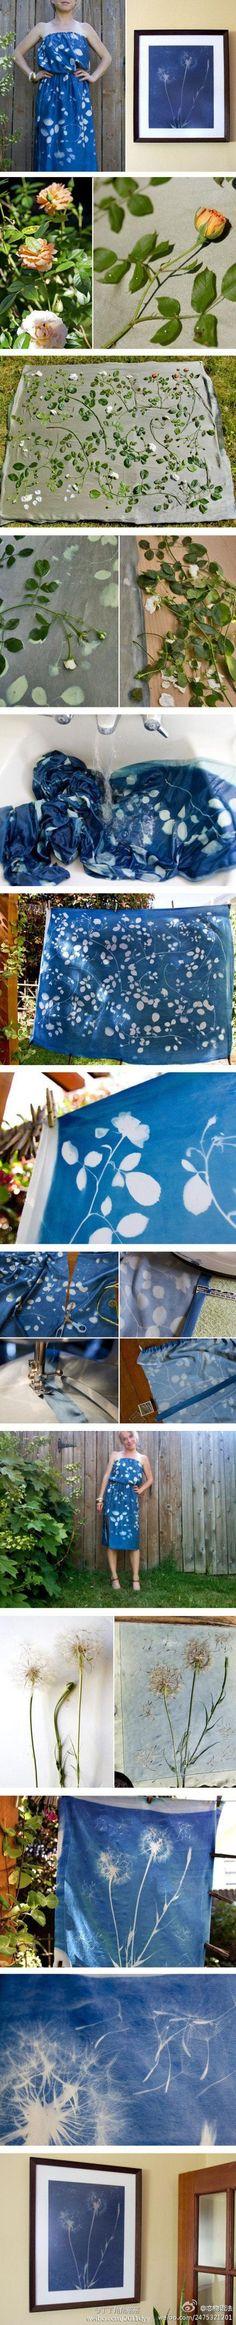 DIY Sun Printed Natural Flower Fabric Tutorial | DIY Tag